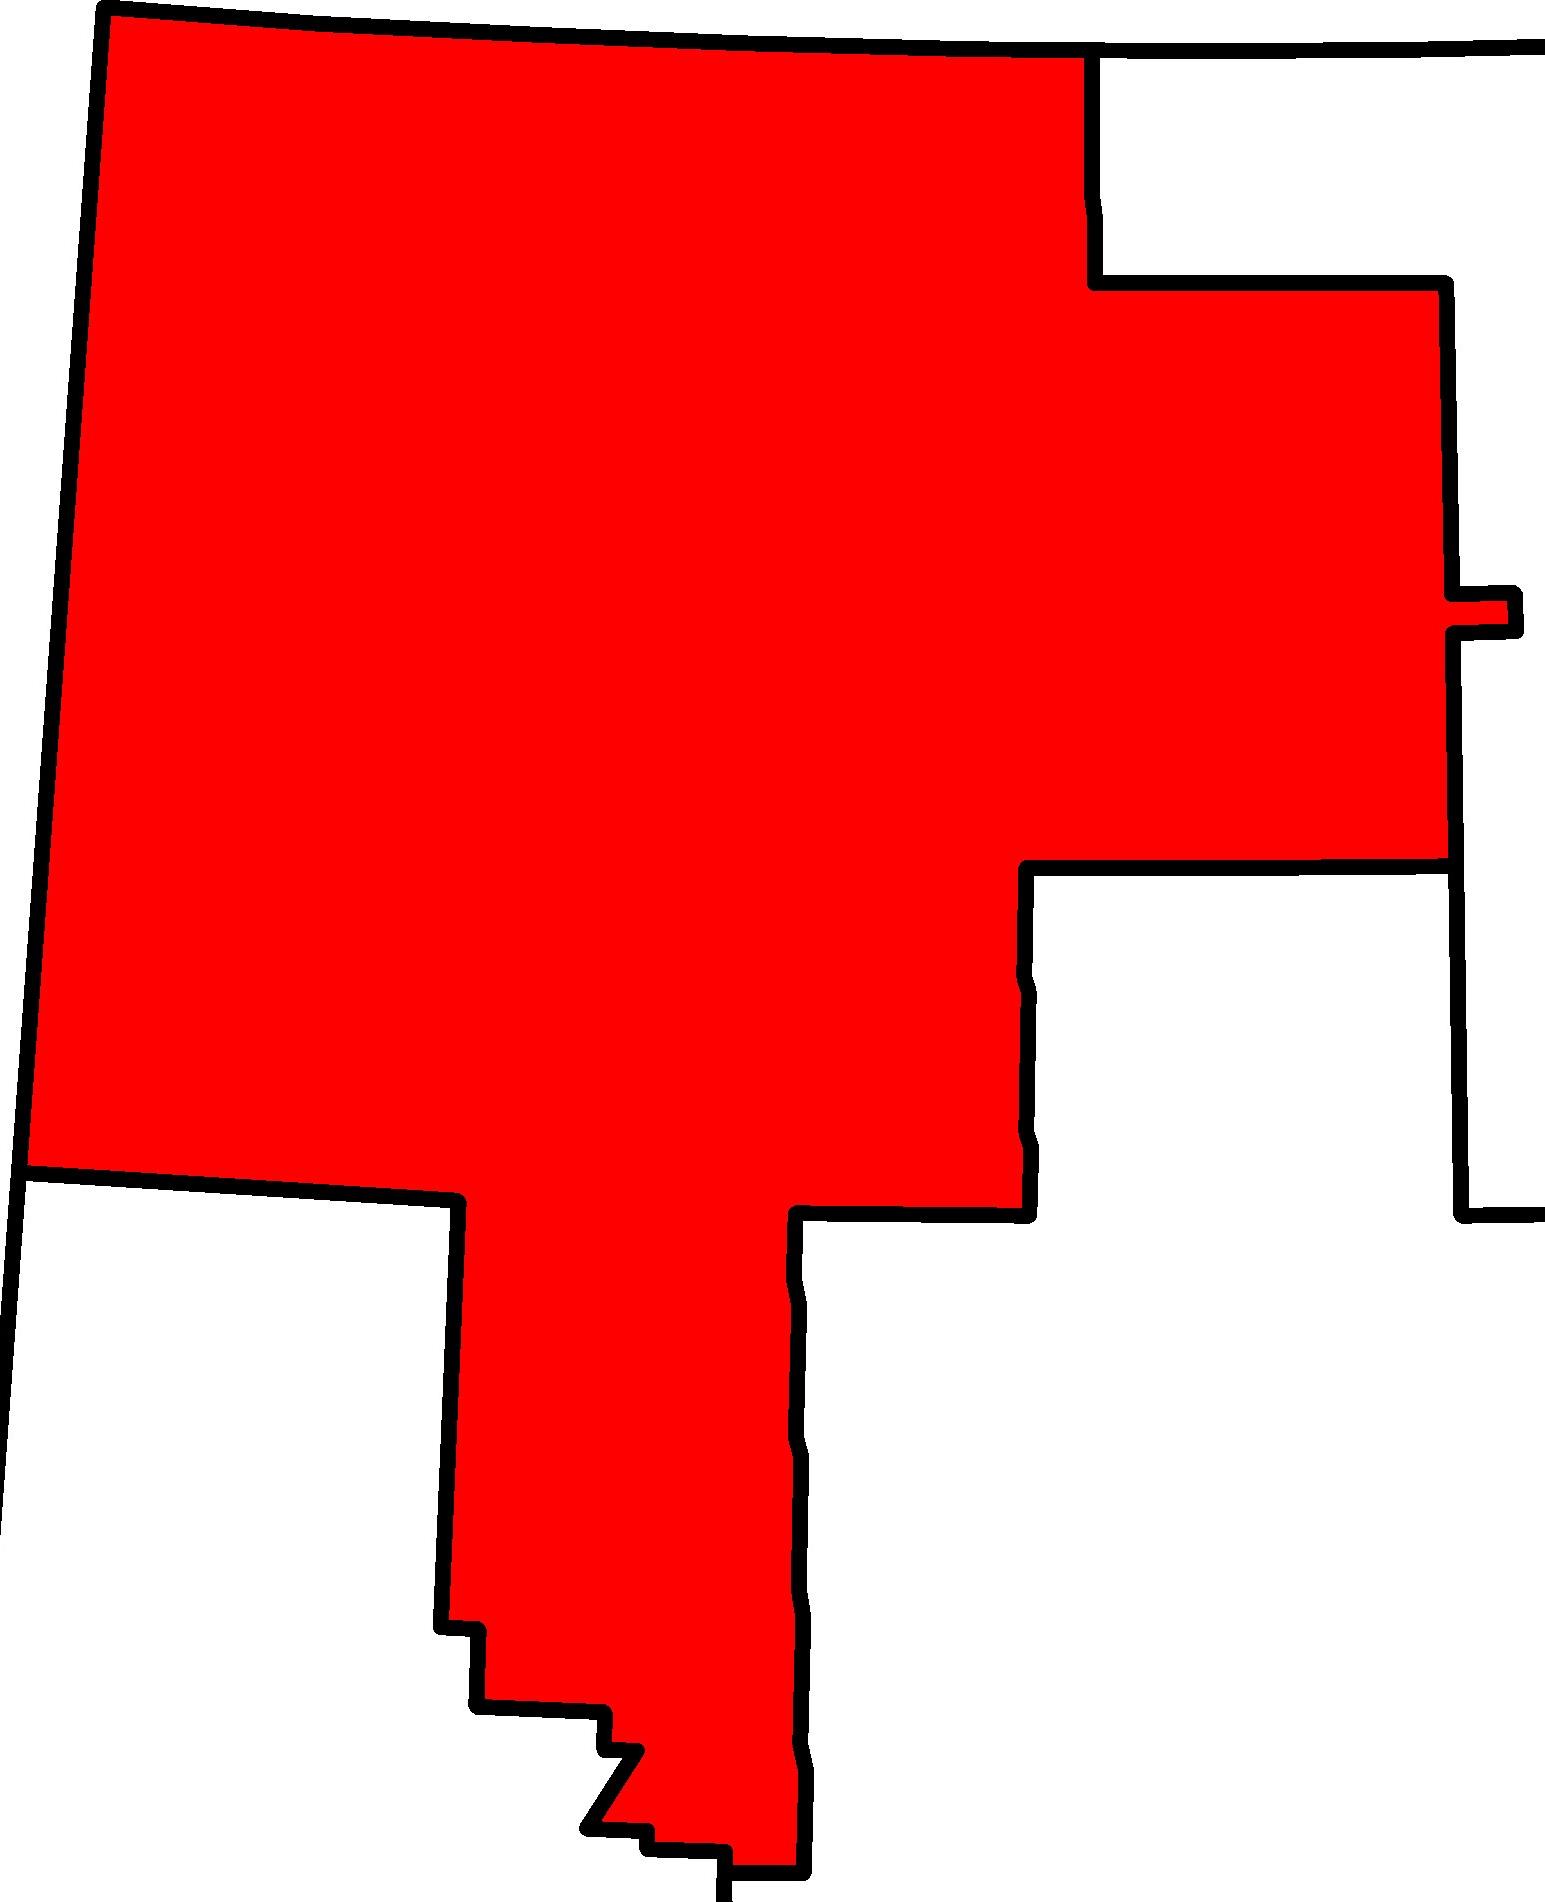 peace river electoral district wikipedia